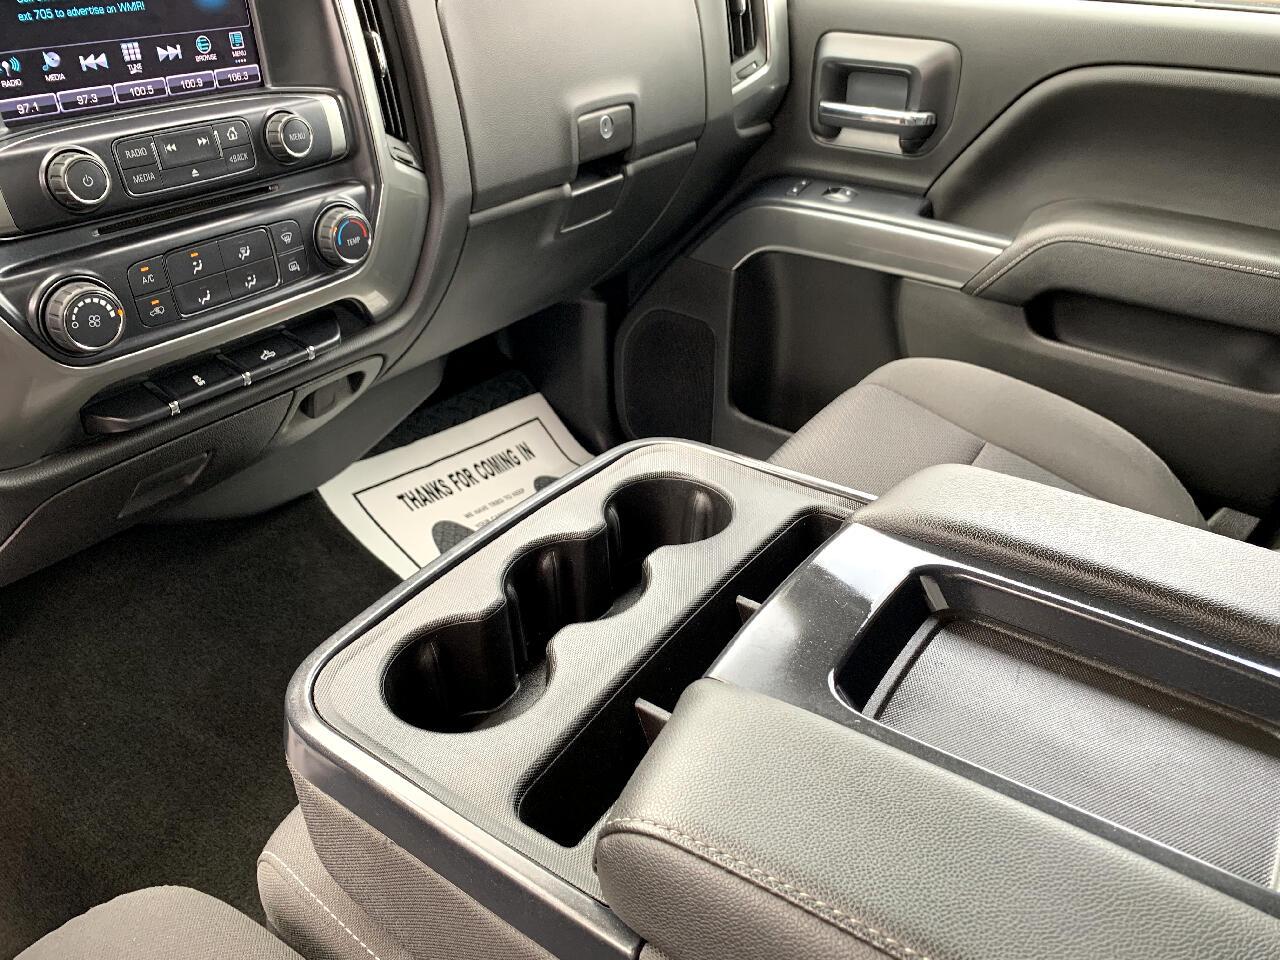 2018 Chevrolet Silverado 1500 LT Crew Cab 4WD